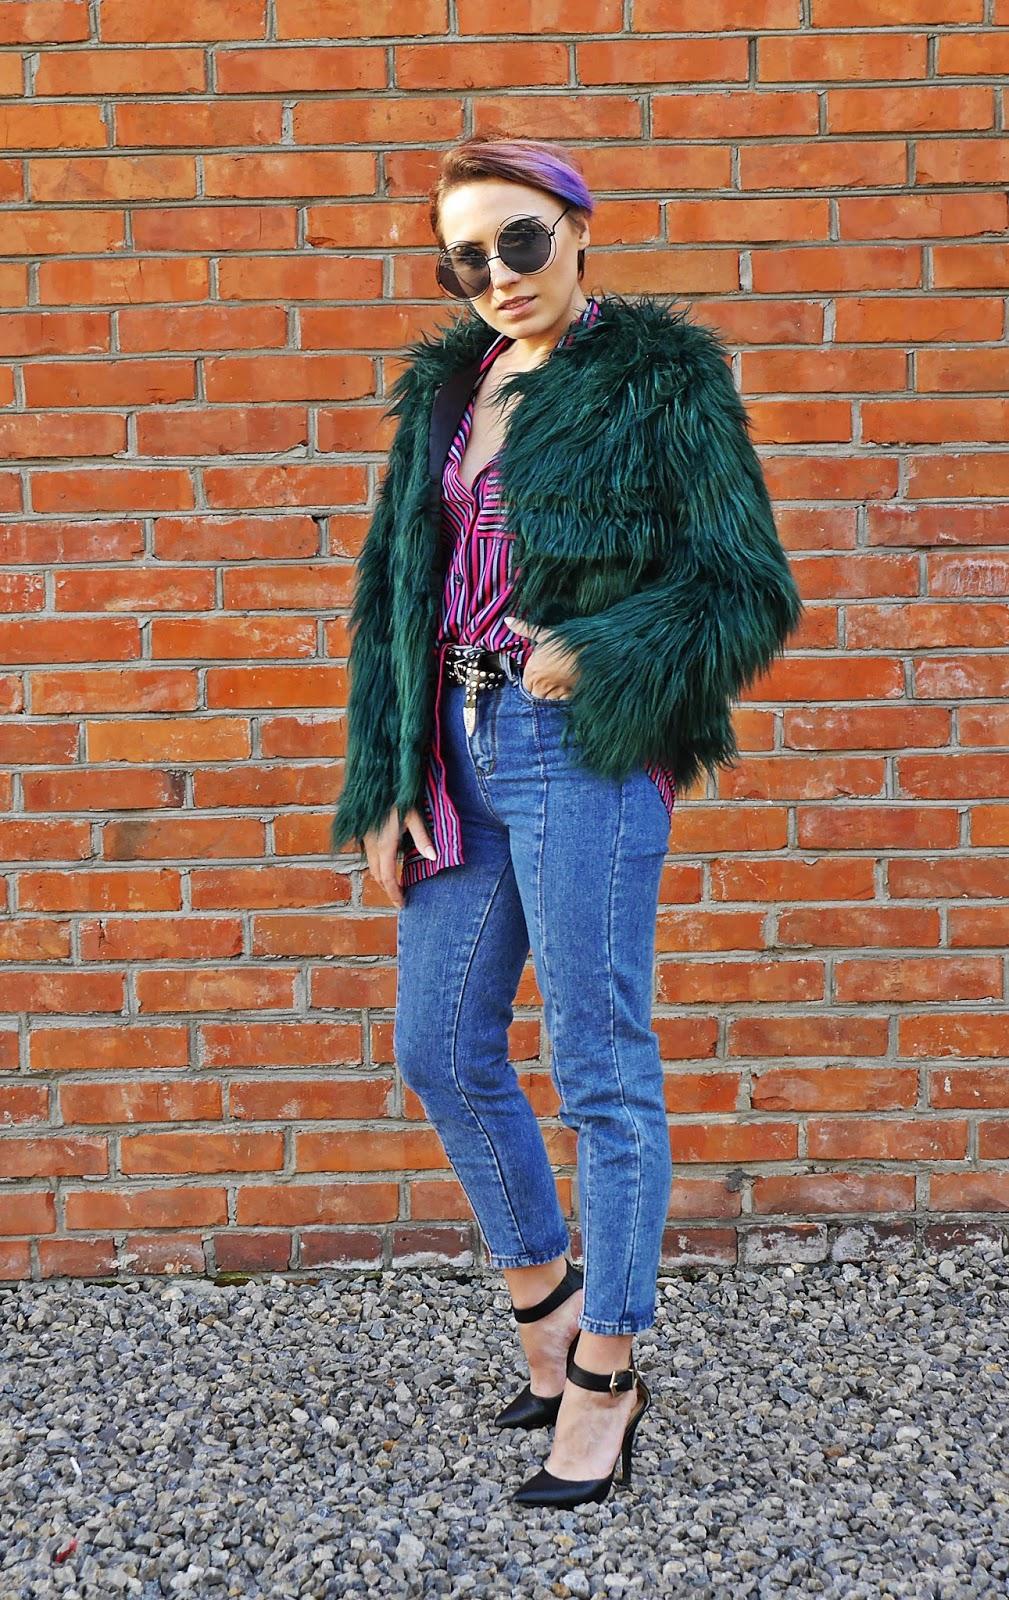 1_zielone_futerko_spodnie_z_wysokim_stanem_pasiasta_koszula_karyn_blog_modowy_031017